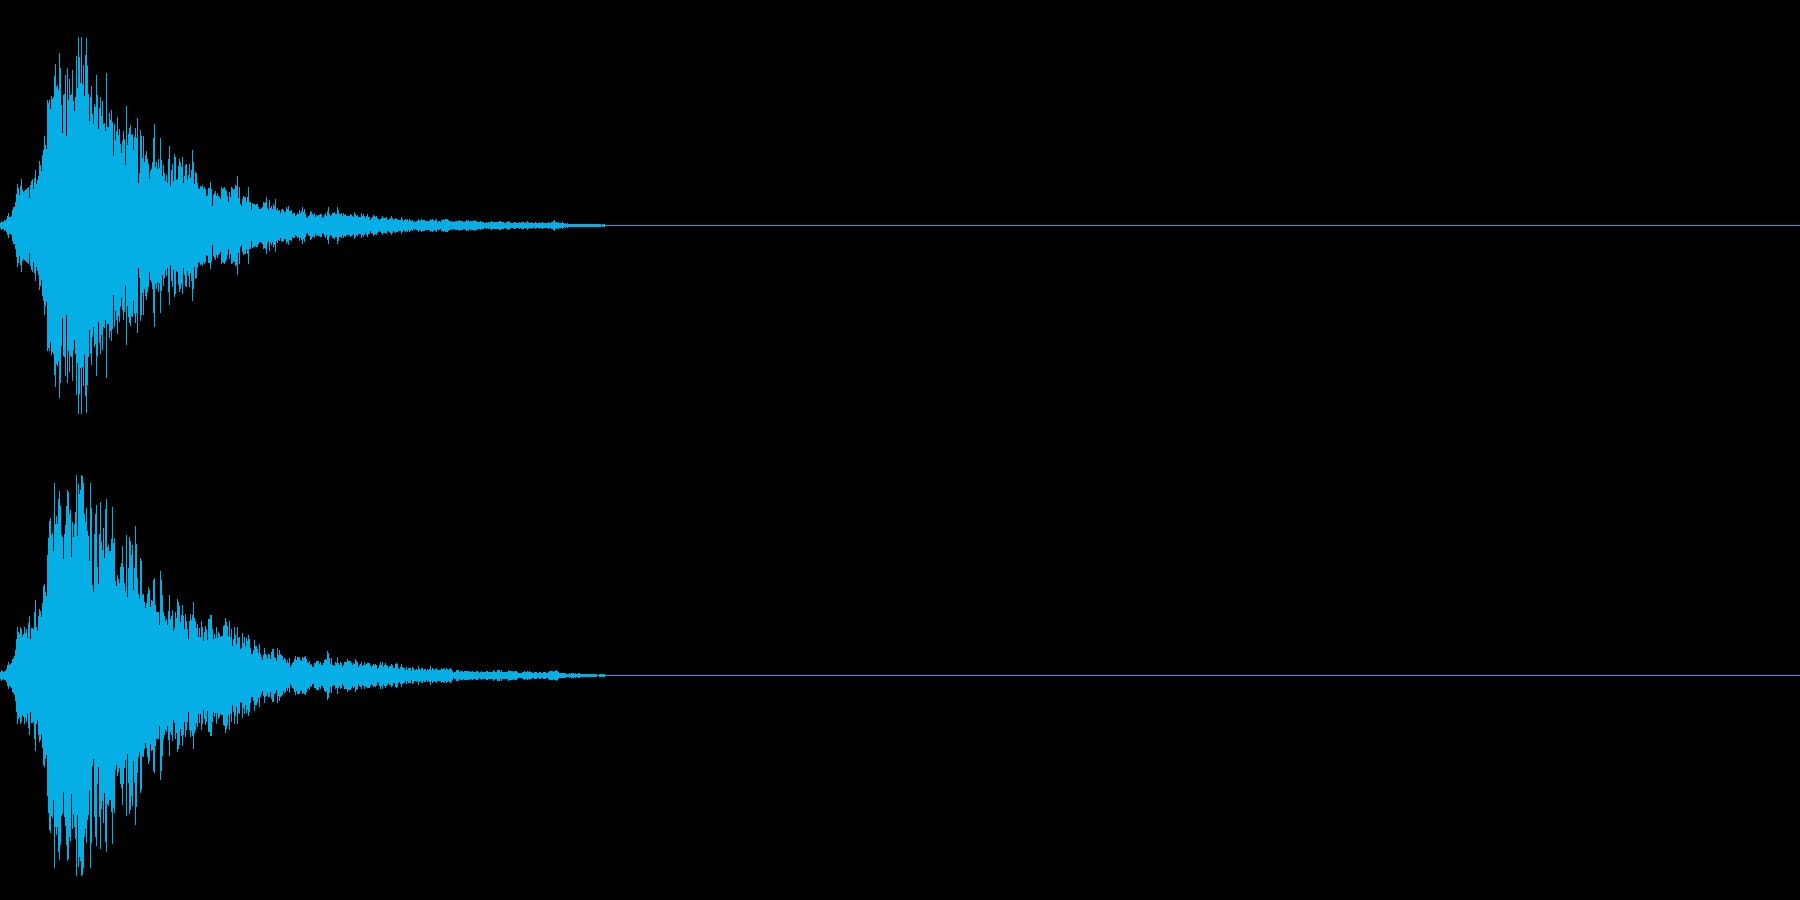 シャラン・・神楽鈴の効果音の再生済みの波形